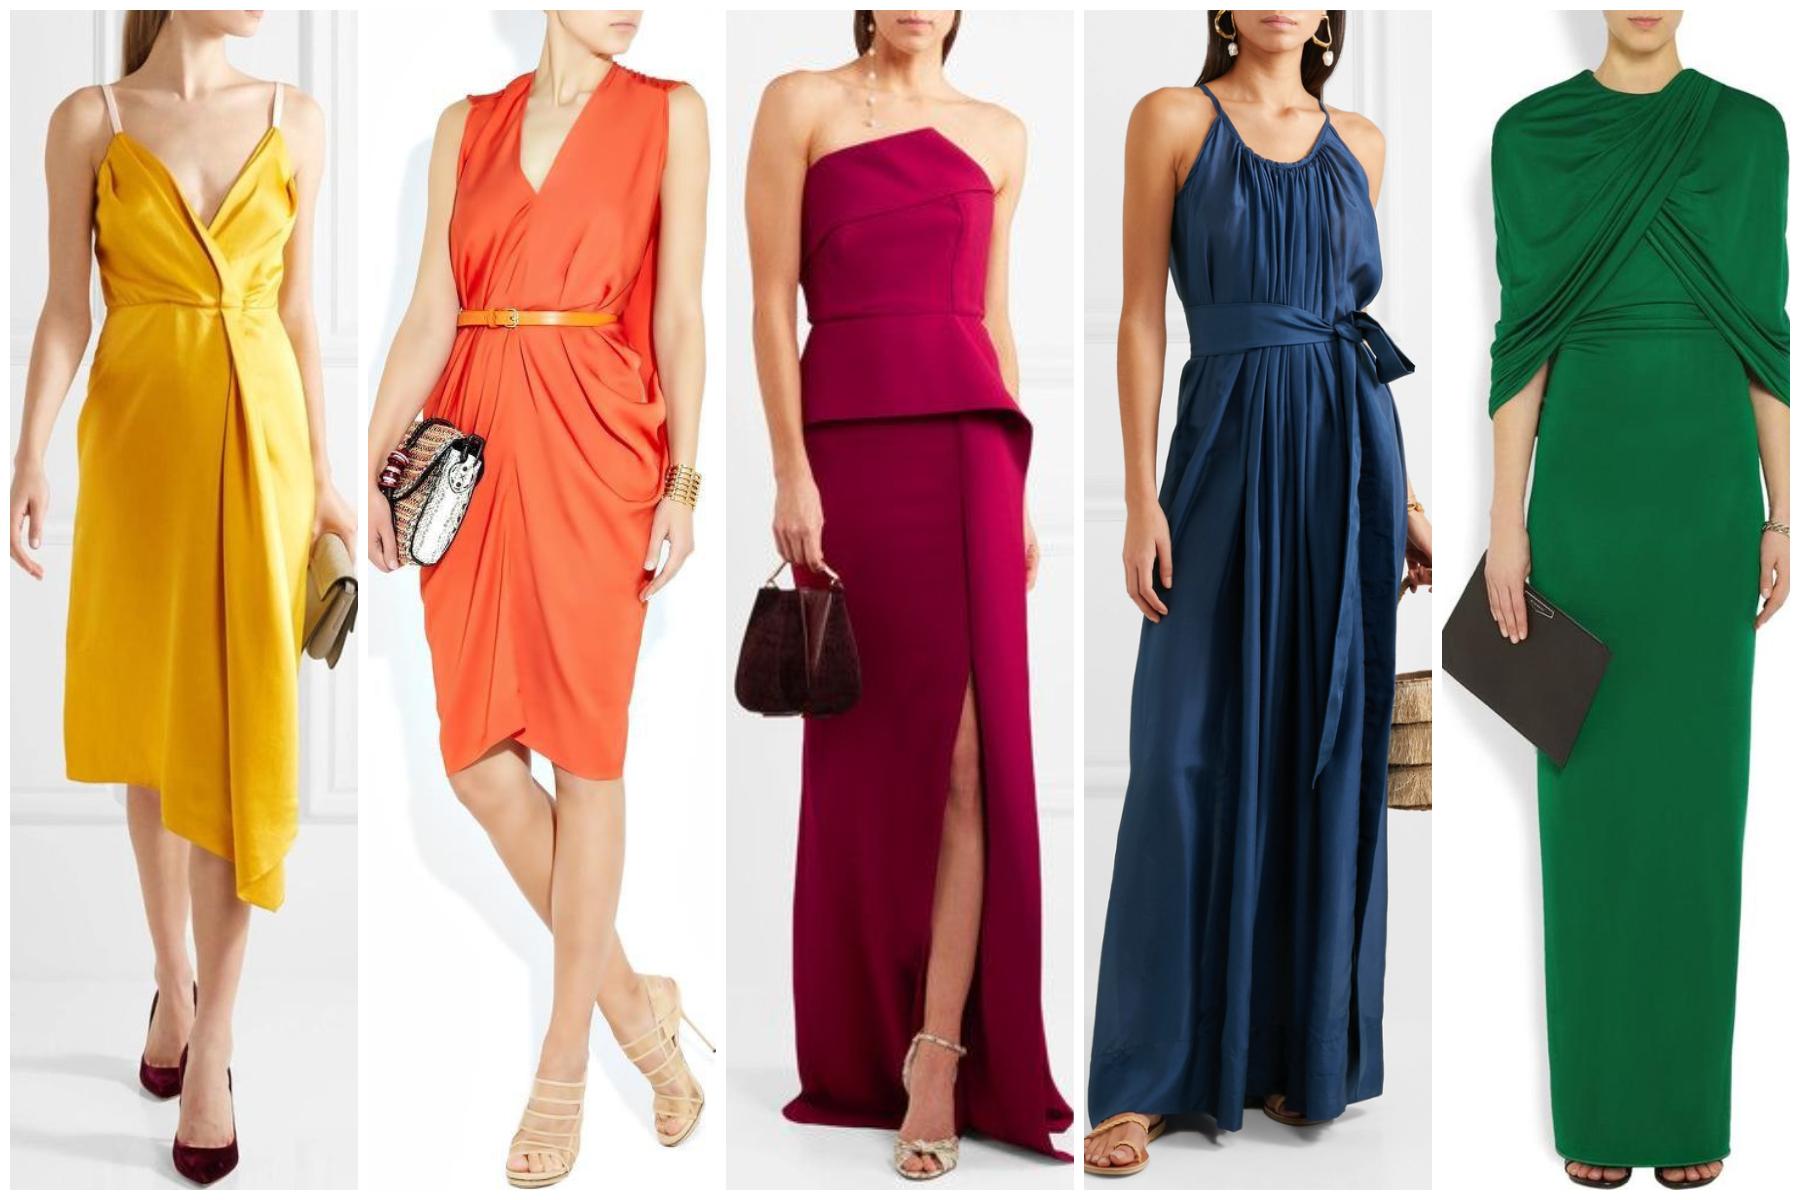 Colori Da Abbinare Al Rosa armocromia: colori da indossare a un matrimonio | consulente